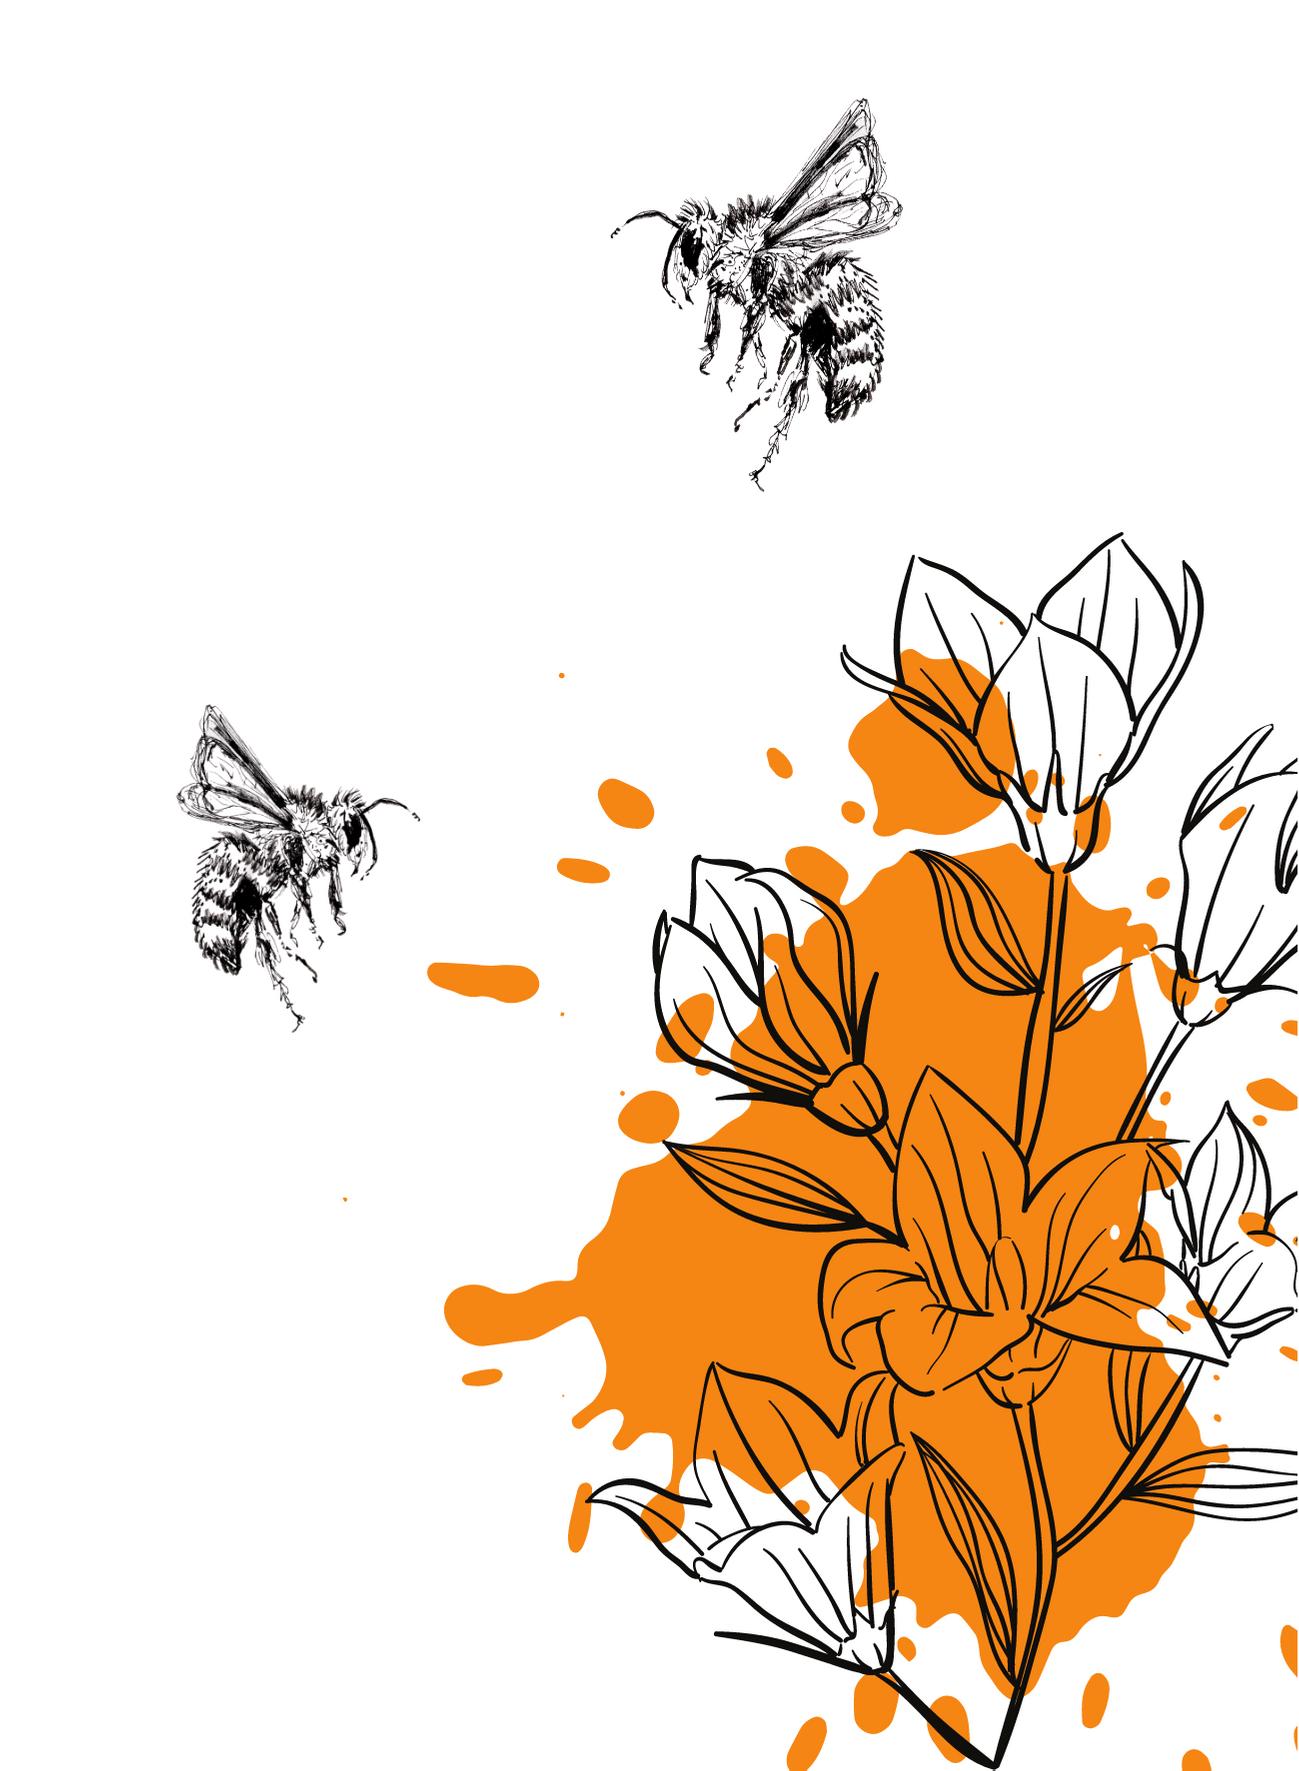 BijenSplash1